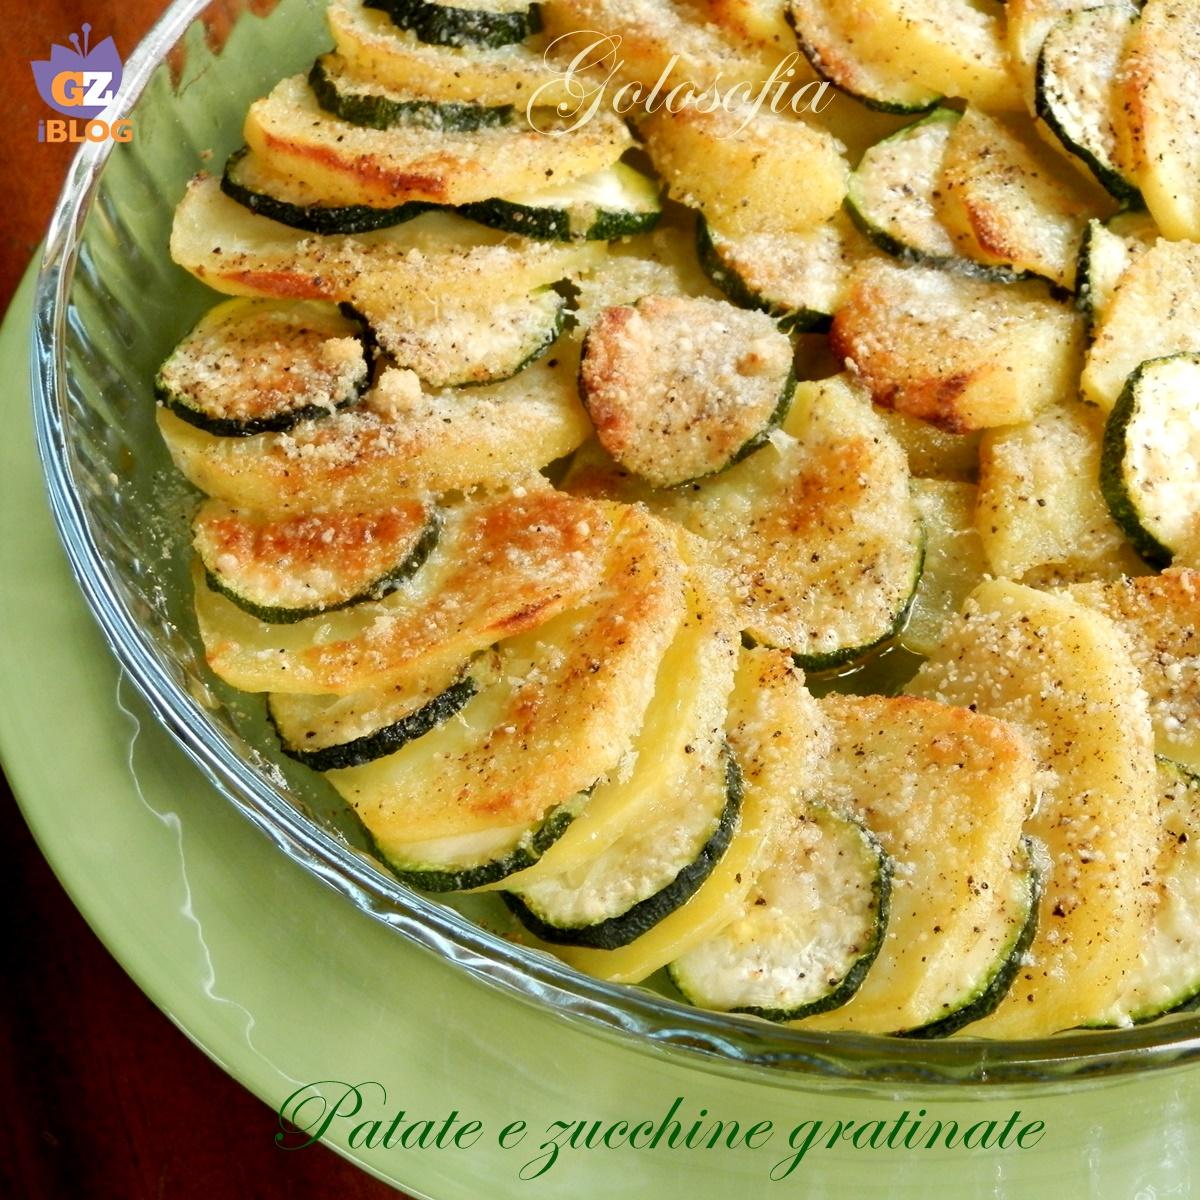 Patate e zucchine gratinate,ricetta contorni,golosofia